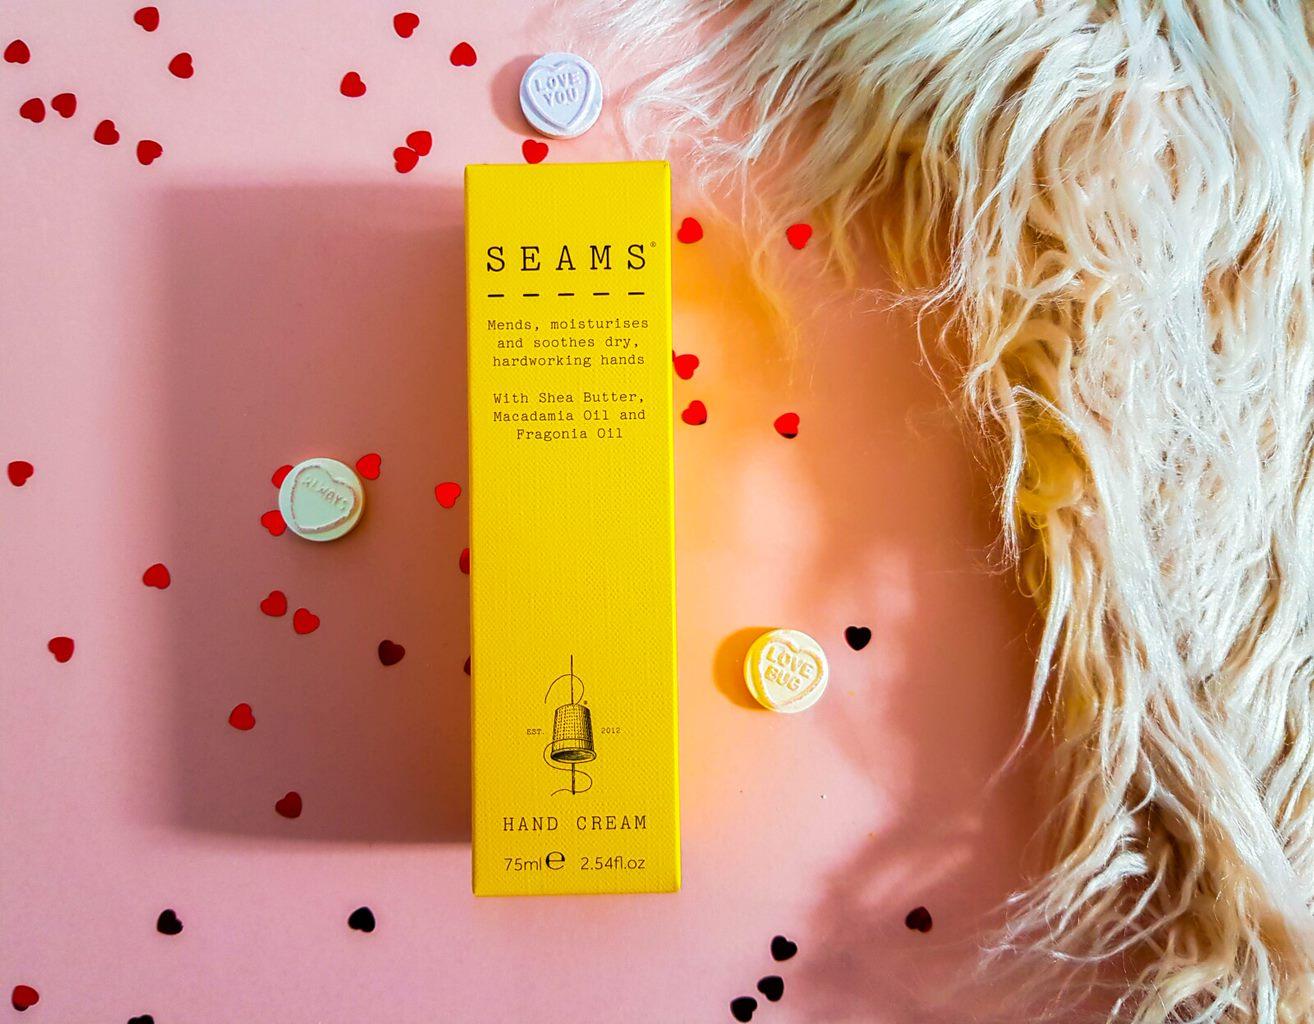 box of seams hand cream